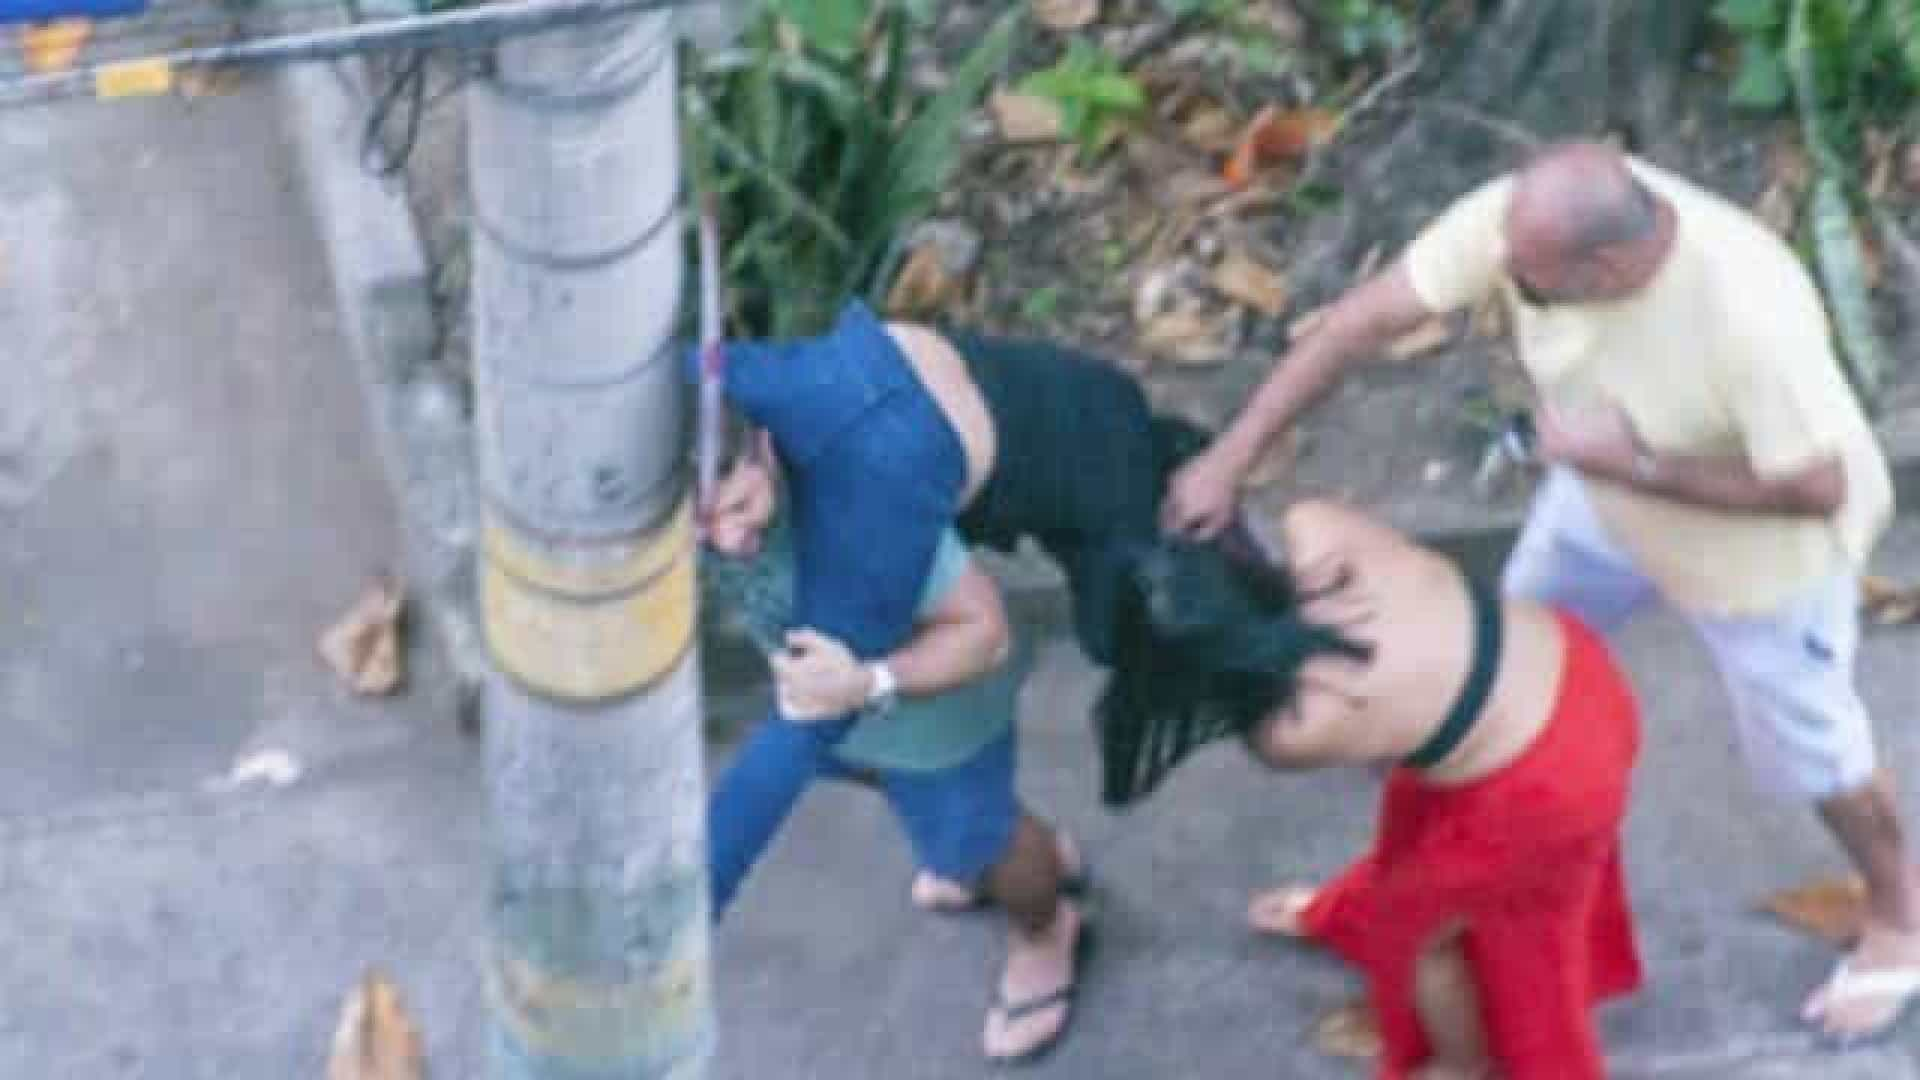 Corregedoria apura conduta de policiais em caso de médica espancada